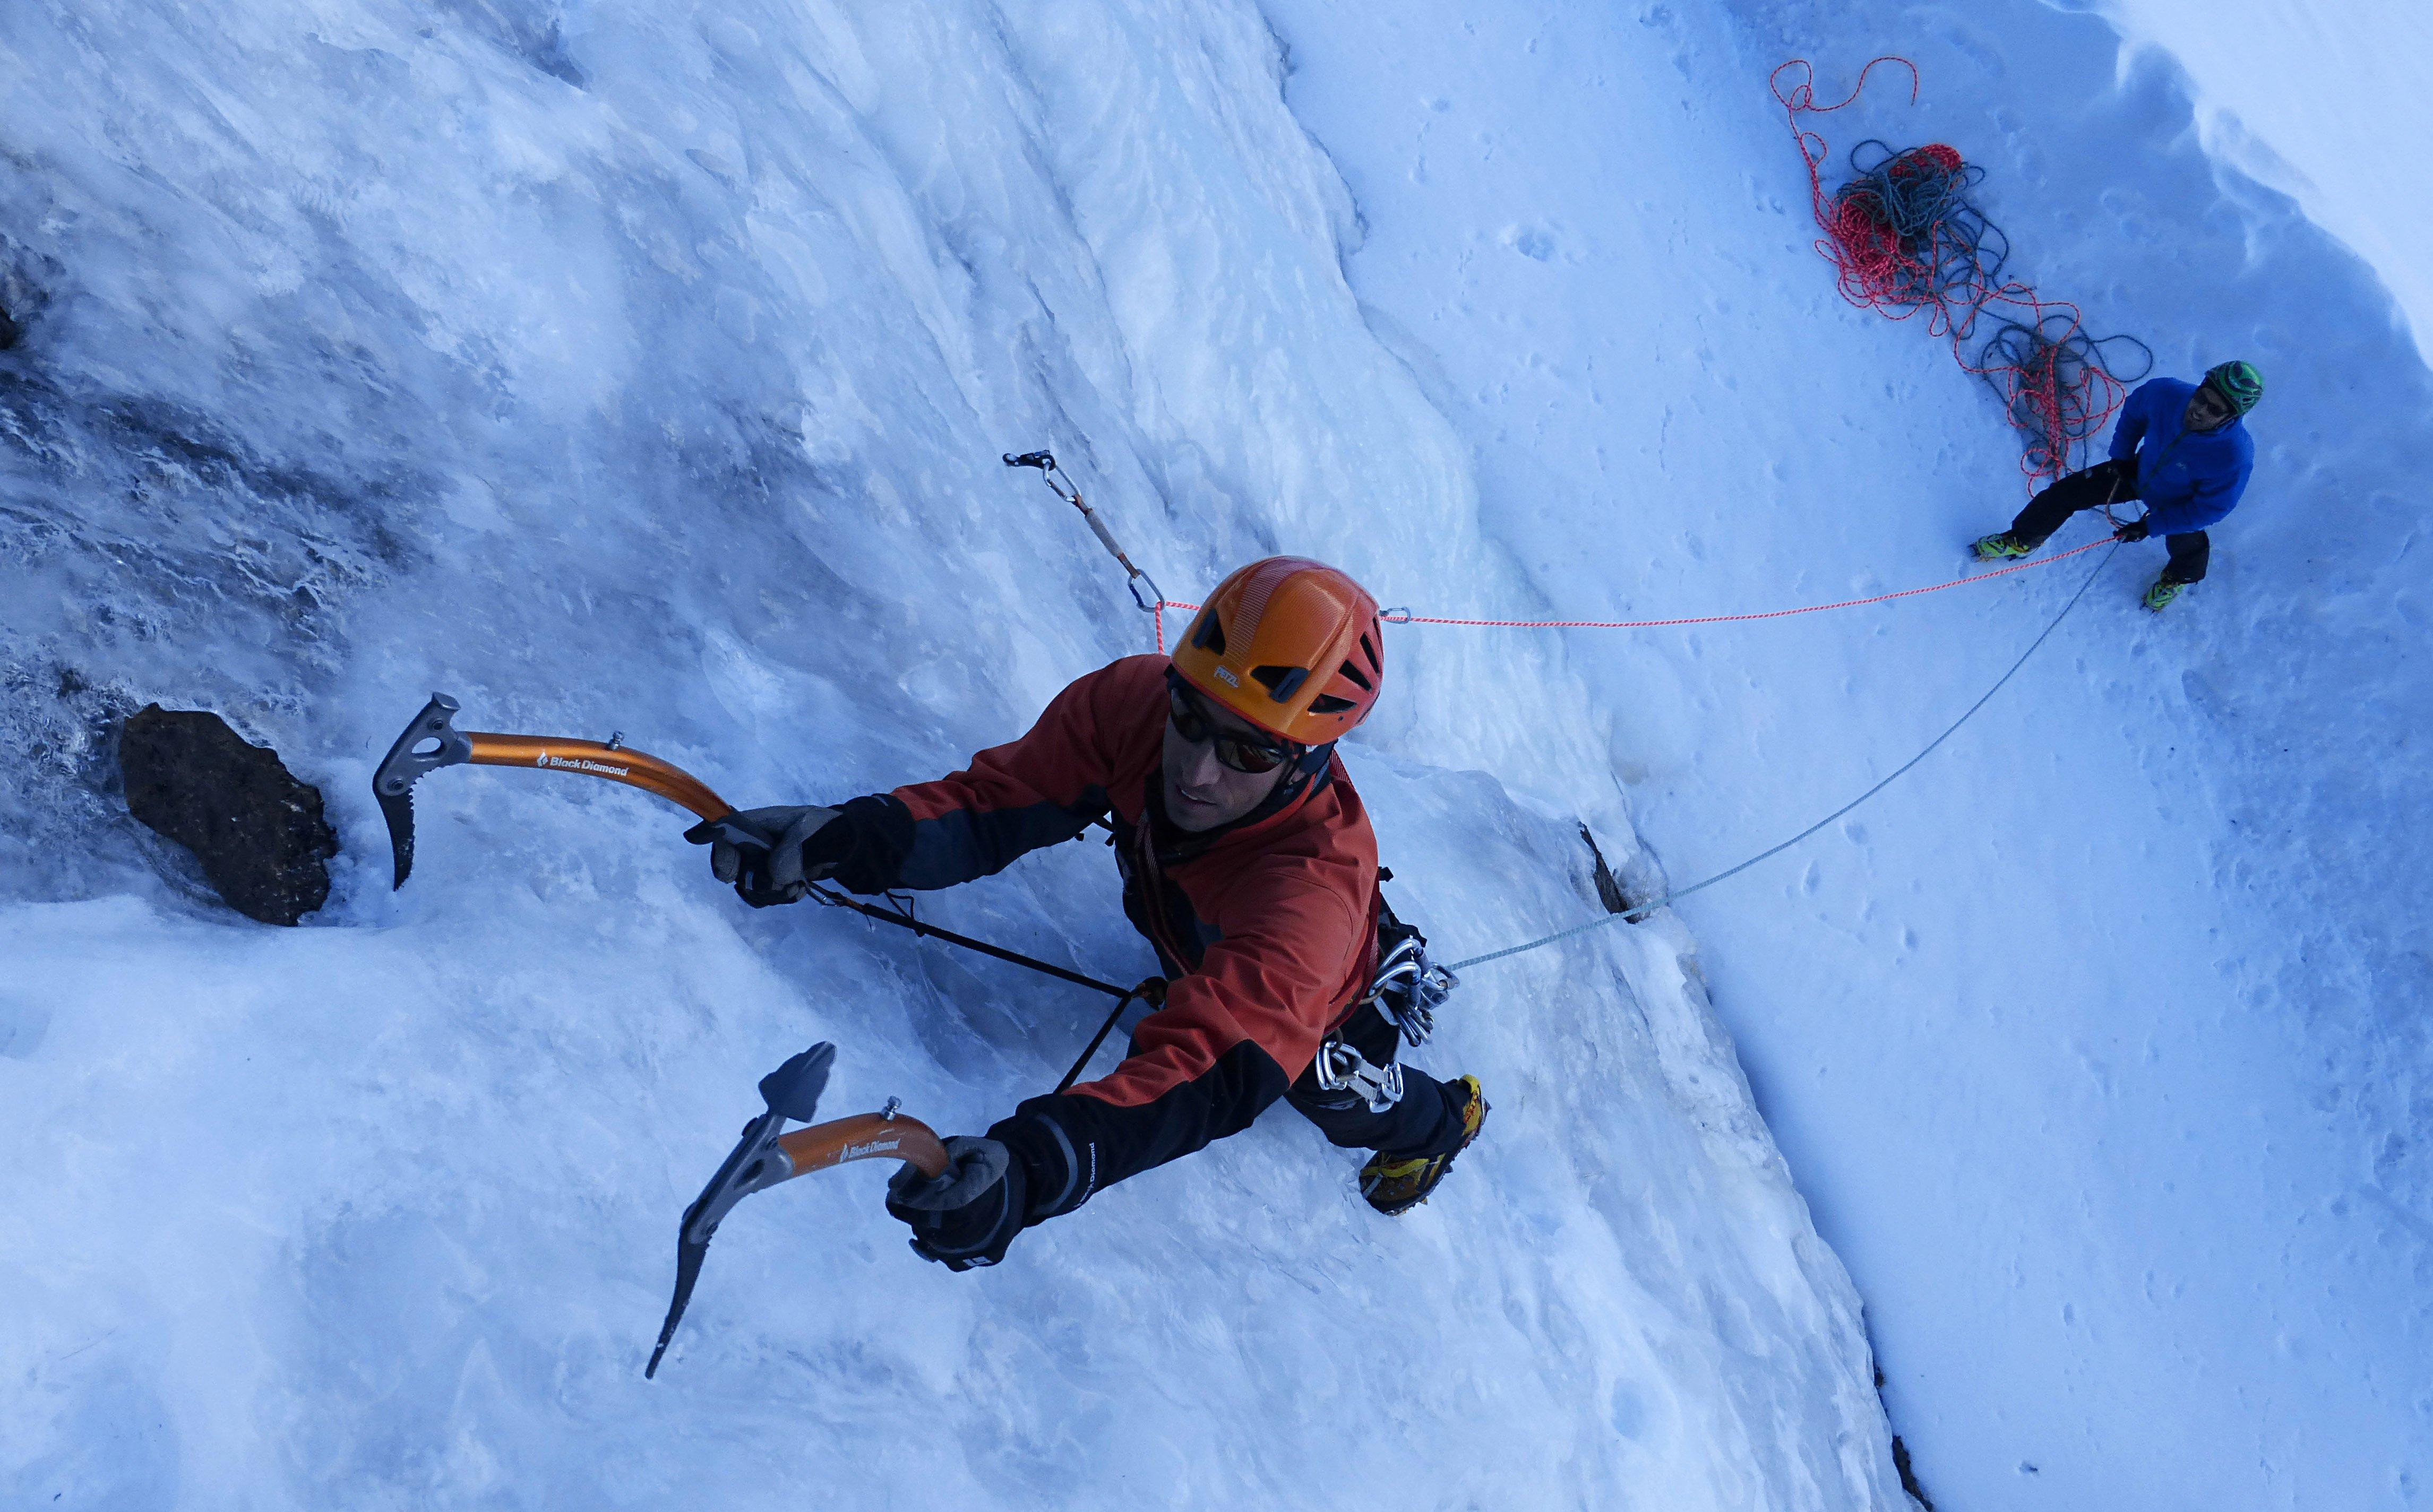 4e592e9746 Curso de iniciación a la escalada en hielo | Picos de Europa & Cordillera  Cantábrica | Guías Picos